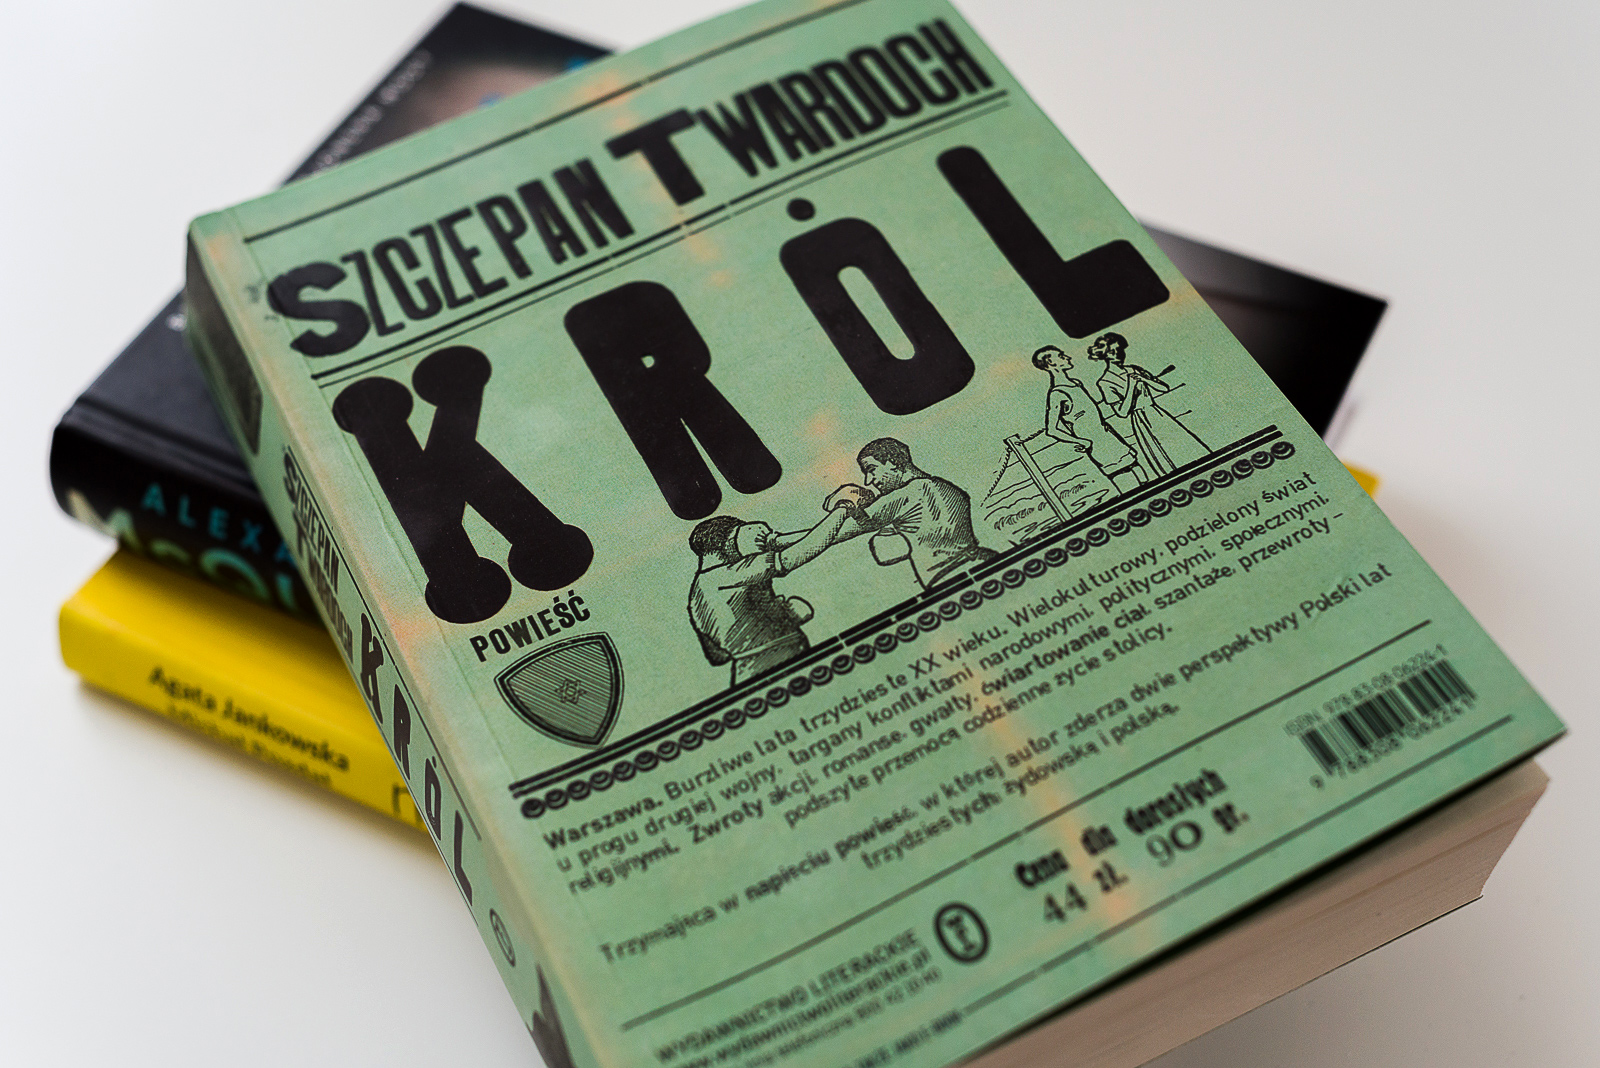 kamil-ekskluzywny-menel-ksia%cc%a8z%cc%87ki-twardoch1600p